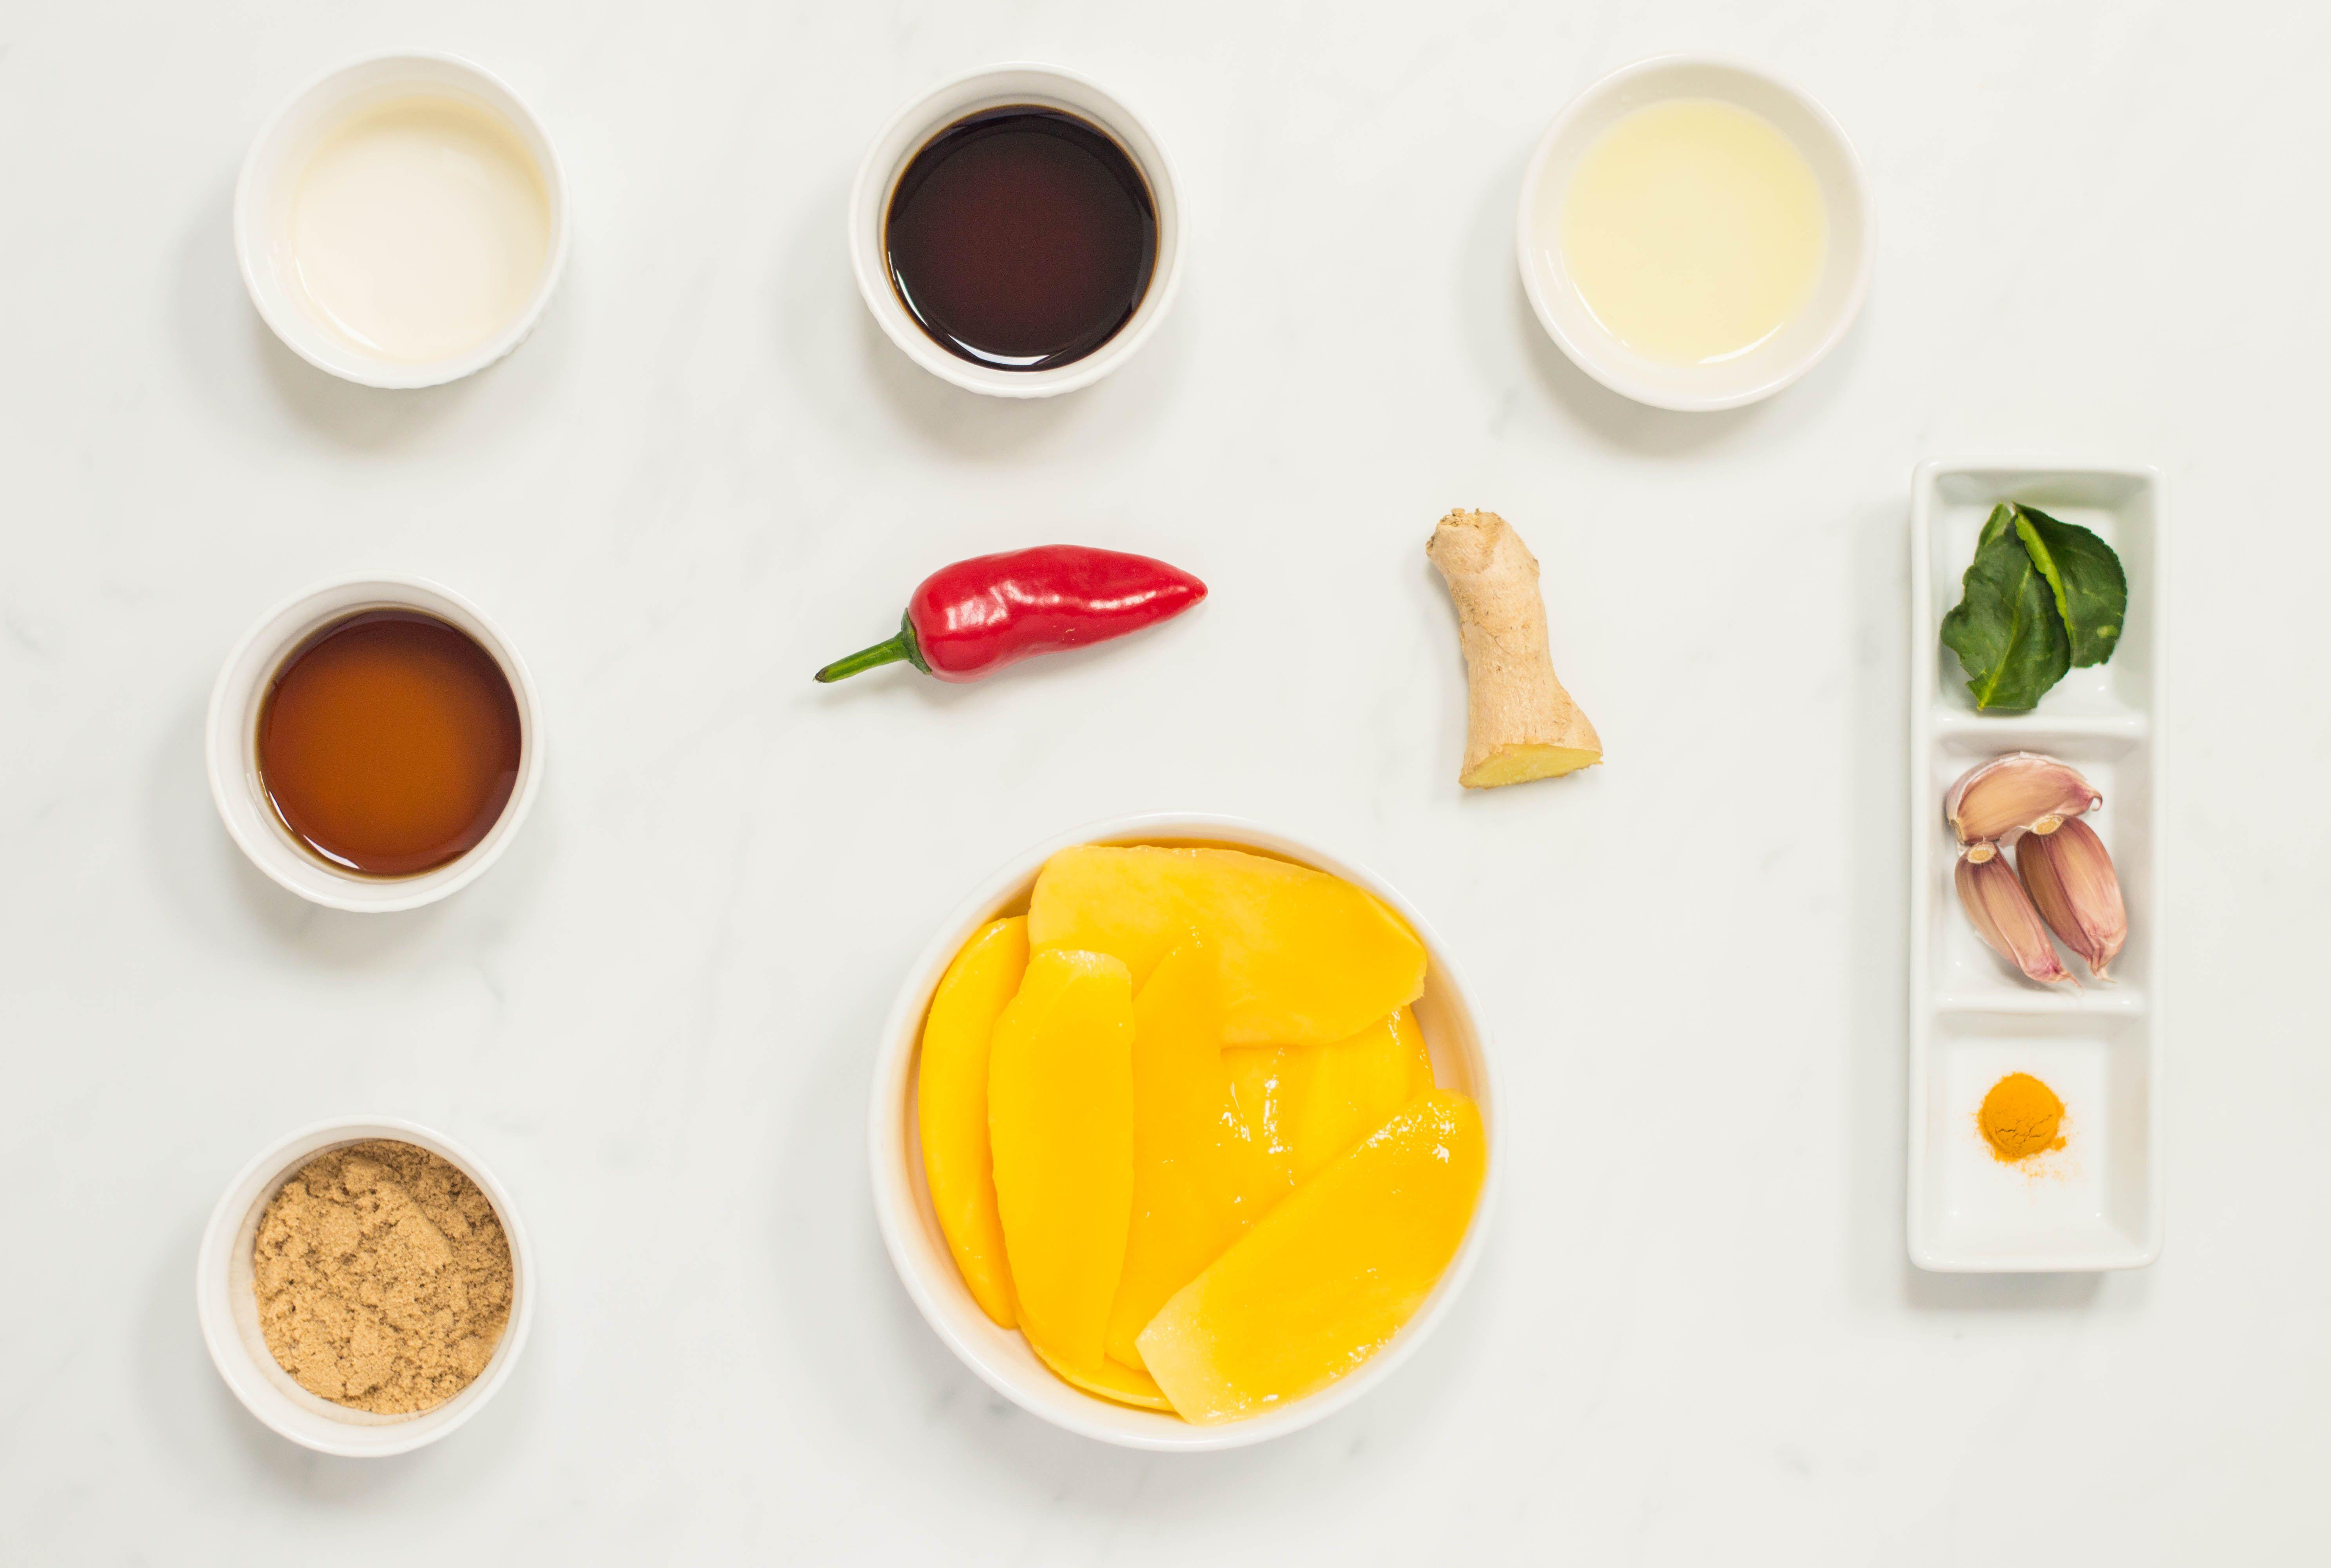 Thai mango chicken sauce ingredients